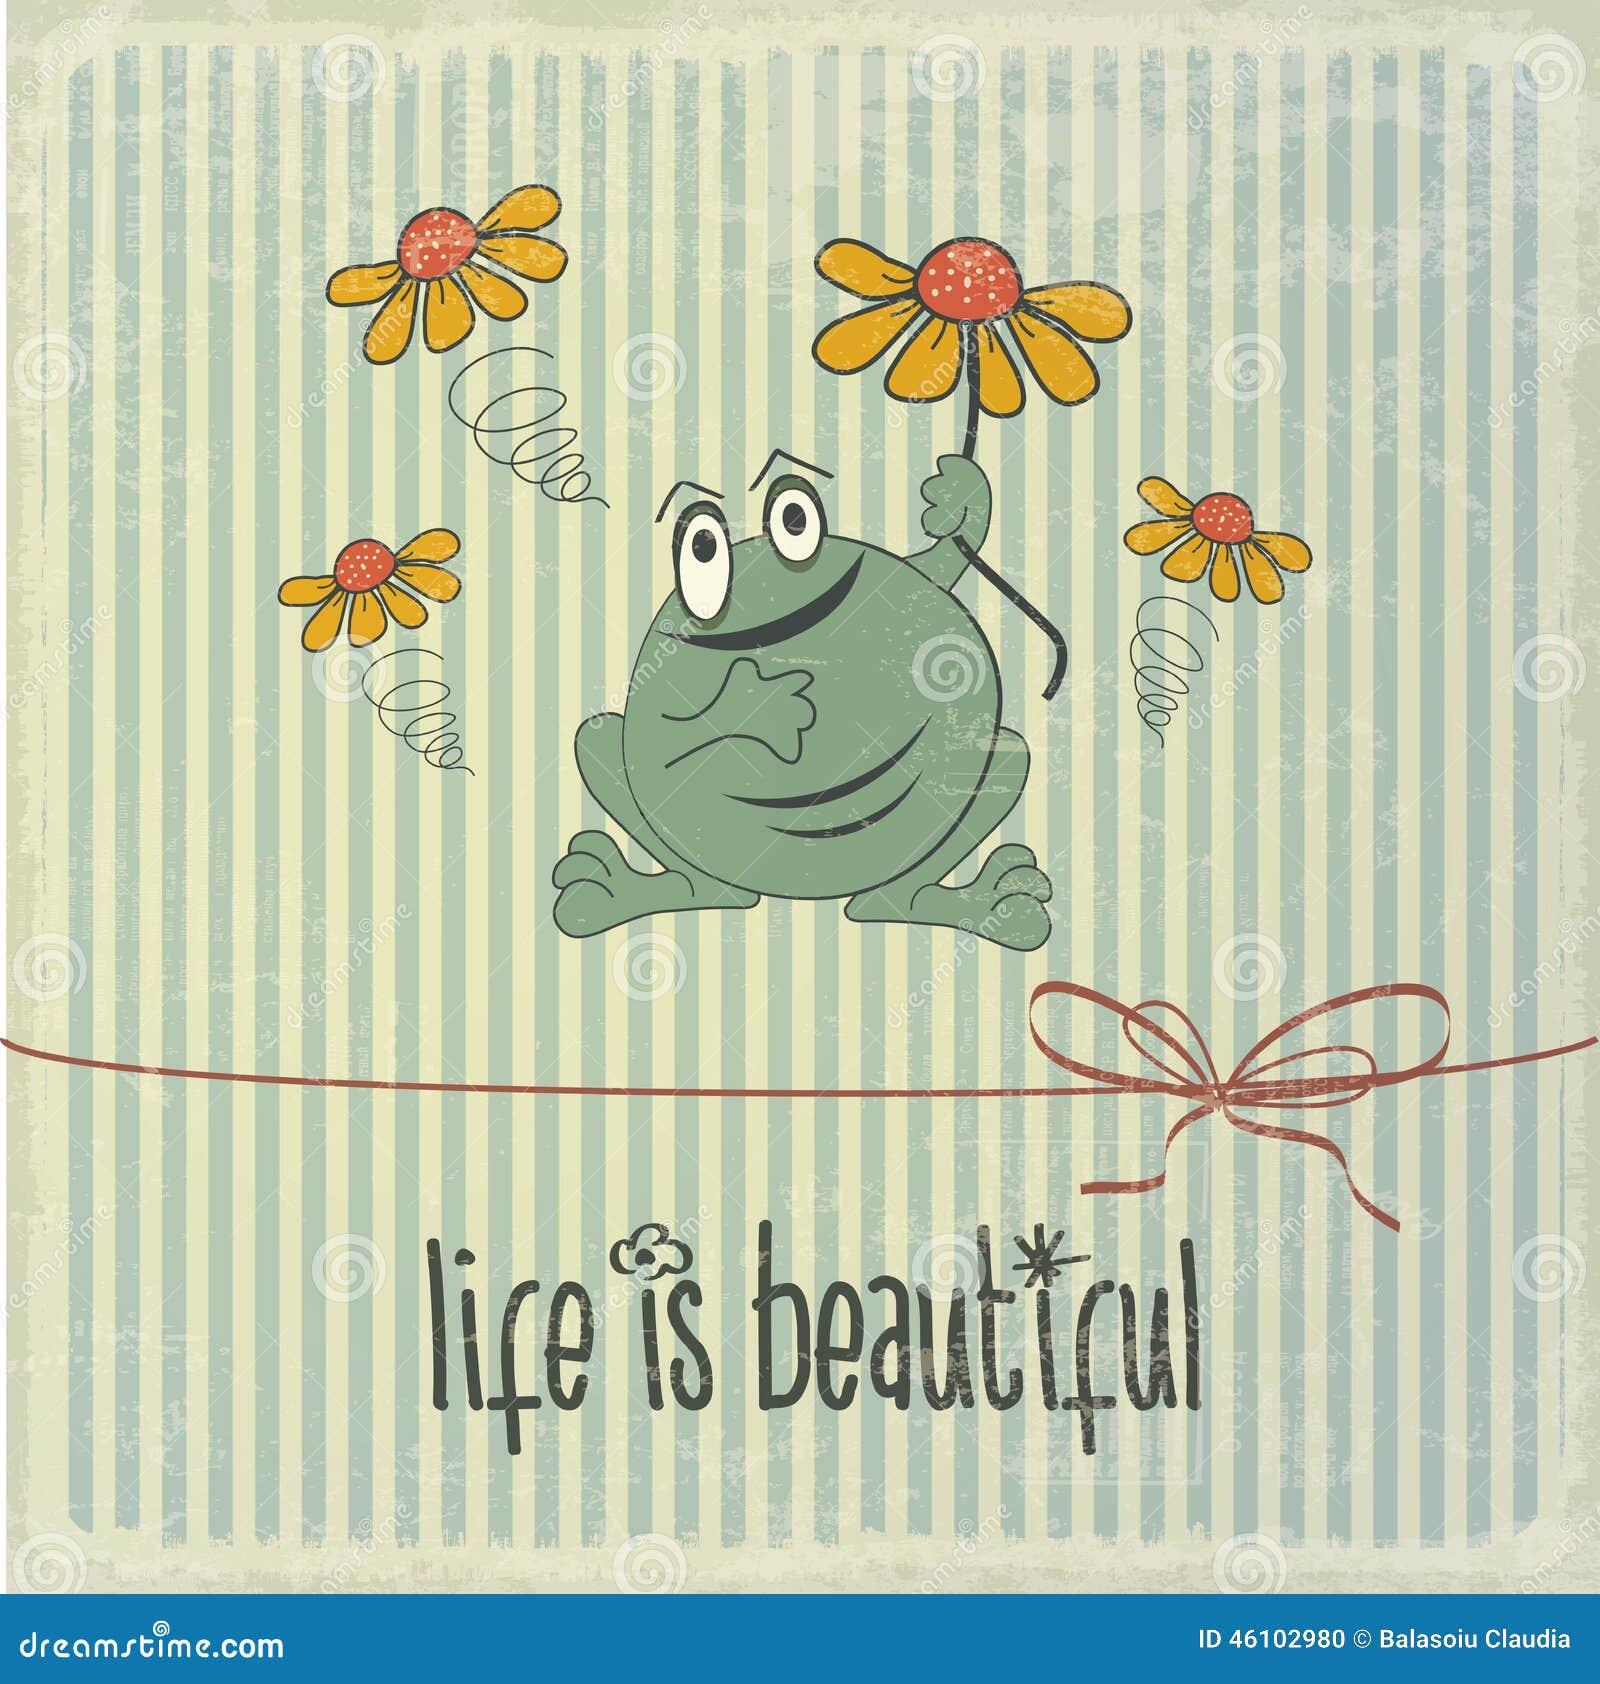 Ilustração retro com rã feliz e frase